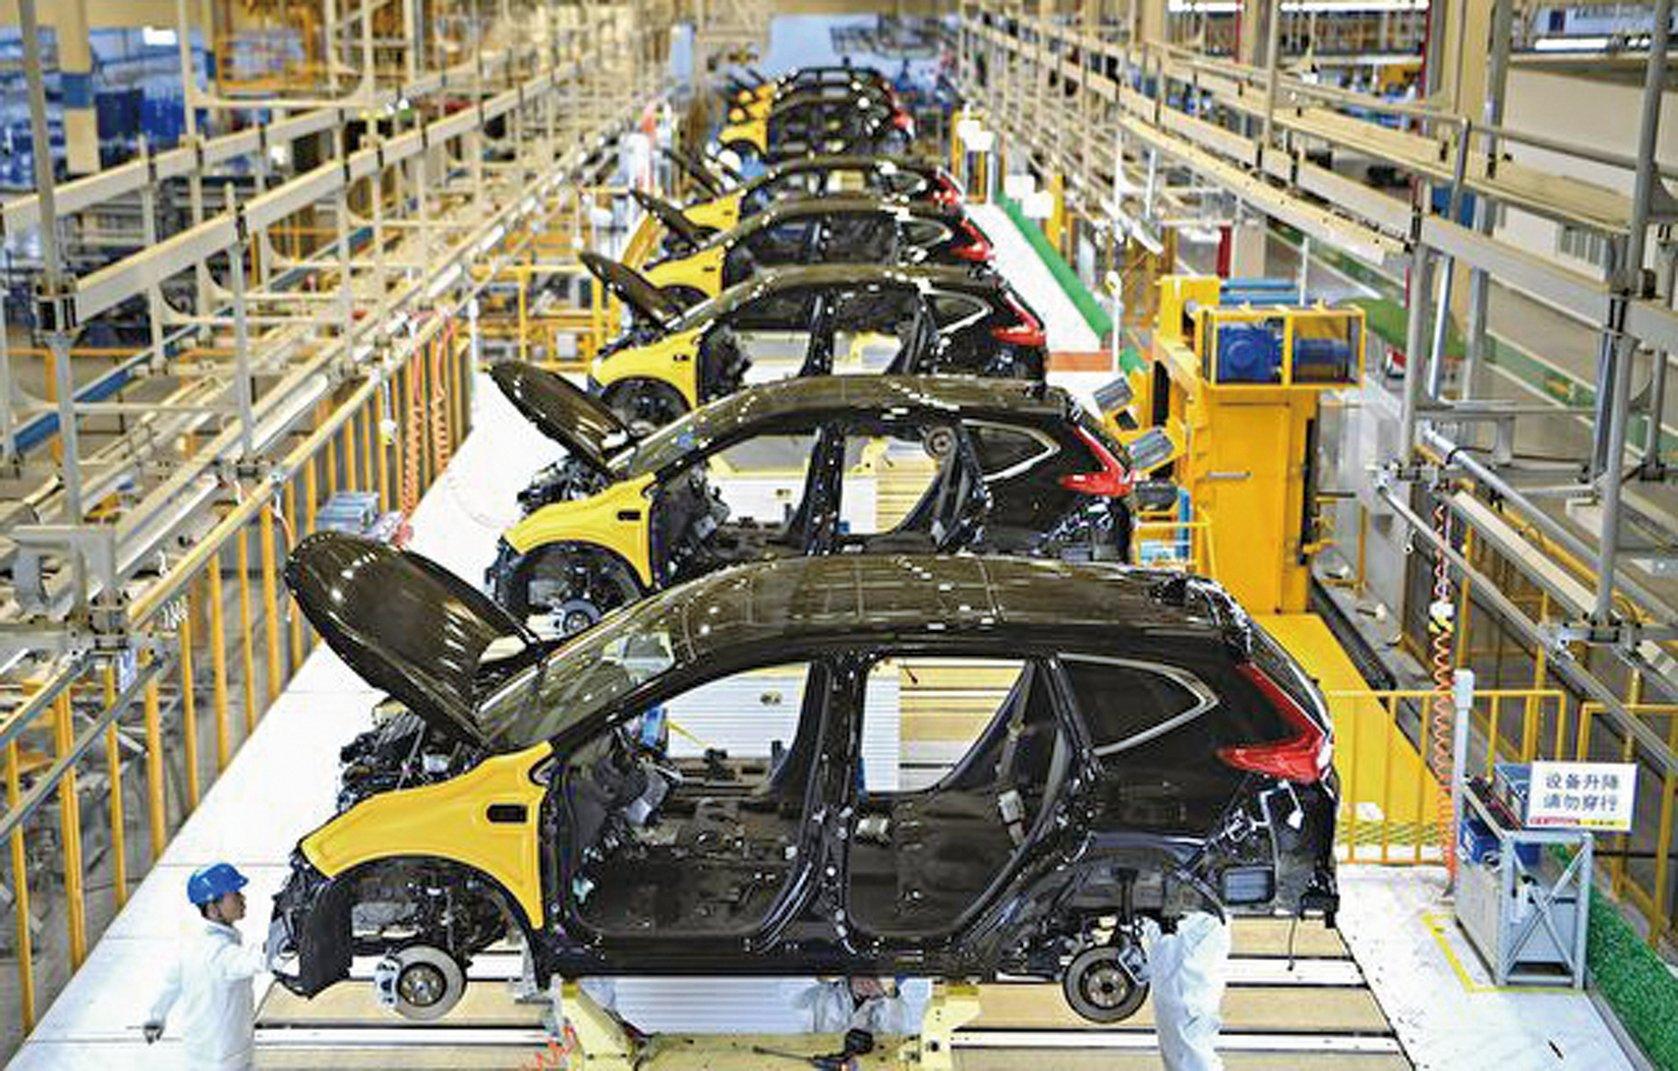 圖為武漢肺炎爆發前,一家跨國企業位於武漢的汽車工廠。(STR/AFP via Getty Images)